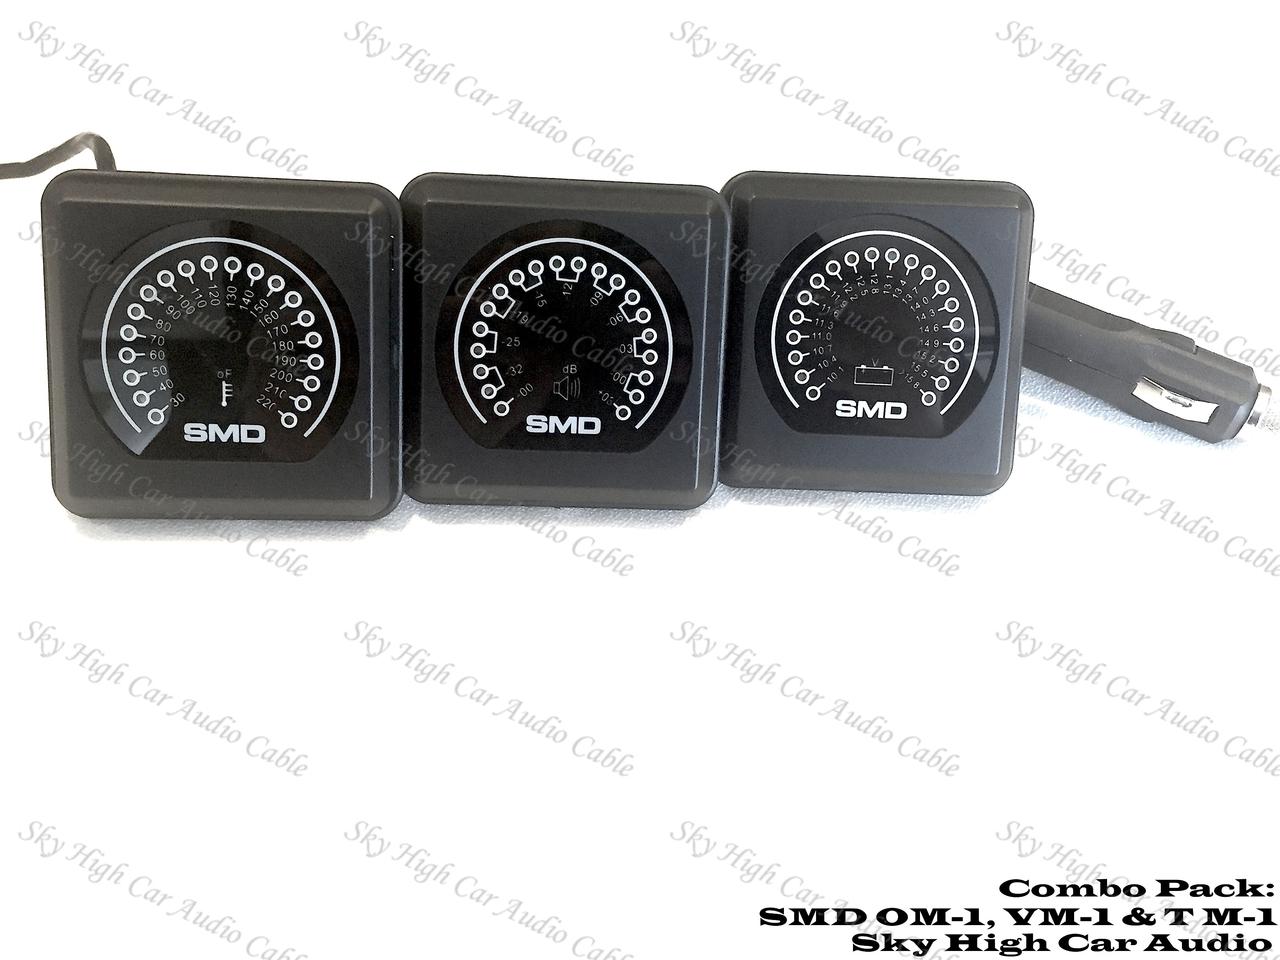 SMD Combo Pack VM-1 Volt Meter, OM-1 Output Meter & T M-1F Temp Sensor Fan Controller